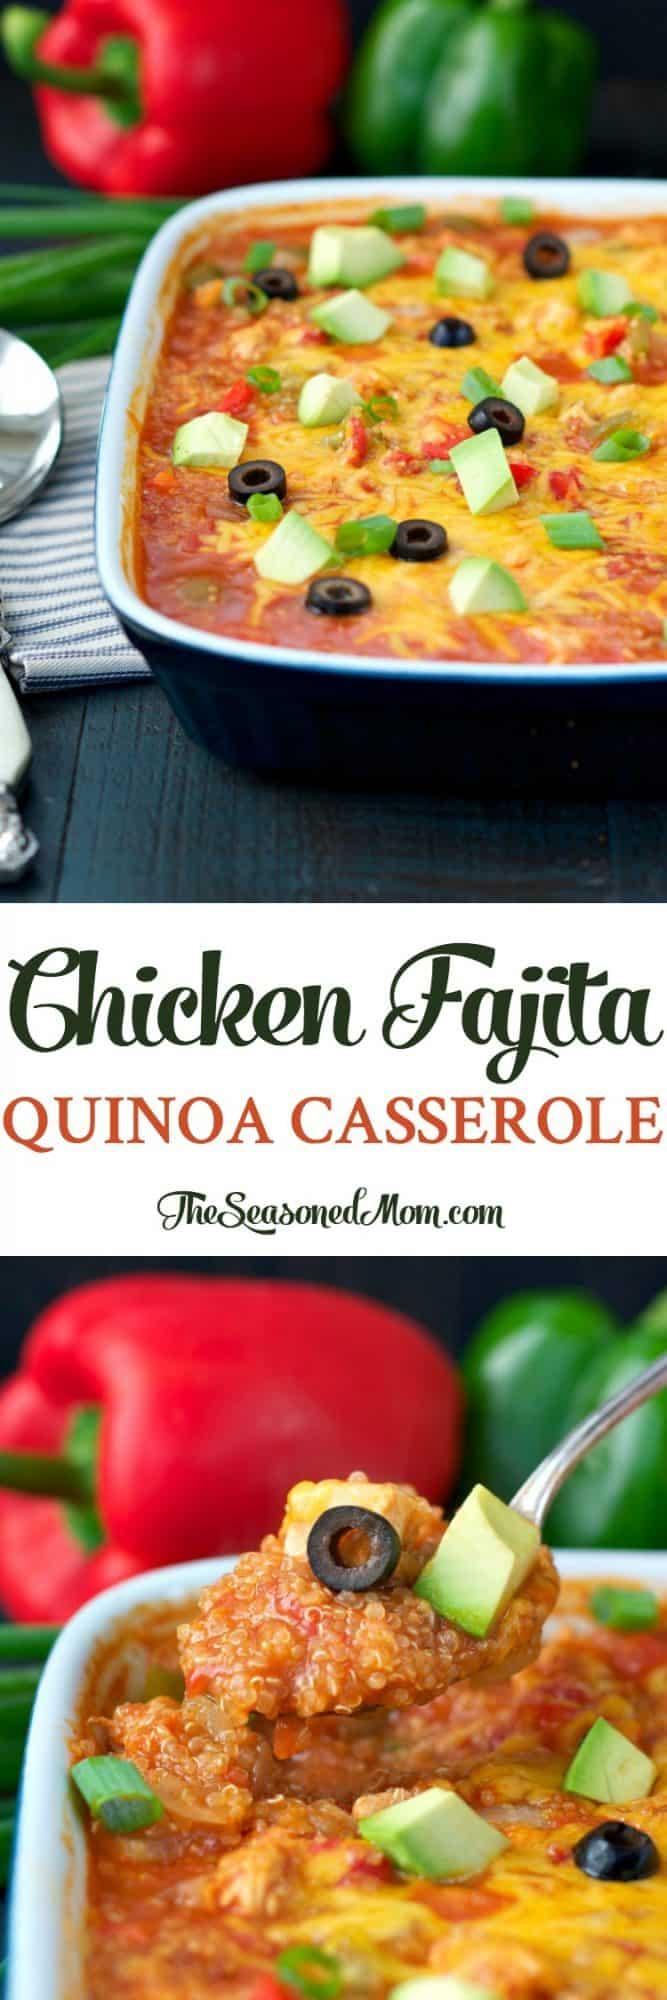 Chicken Fajita Quinoa Casserole